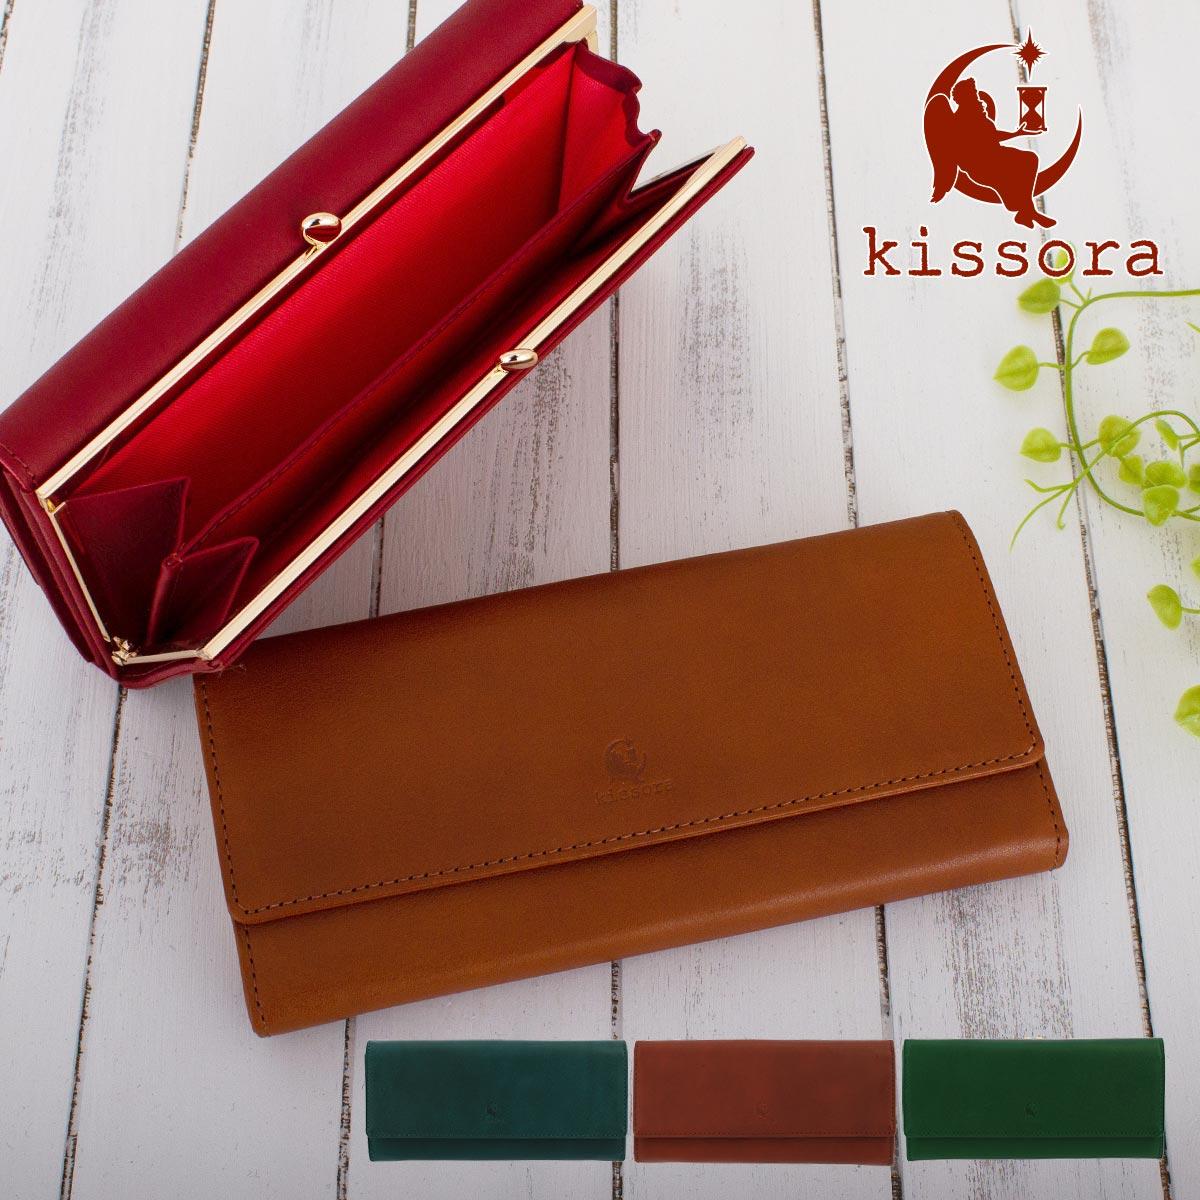 長財布 本革 kissora キソラ KITL-099 ウォッシャブルナッパ がま口 財布 レザー 日本製 レディース